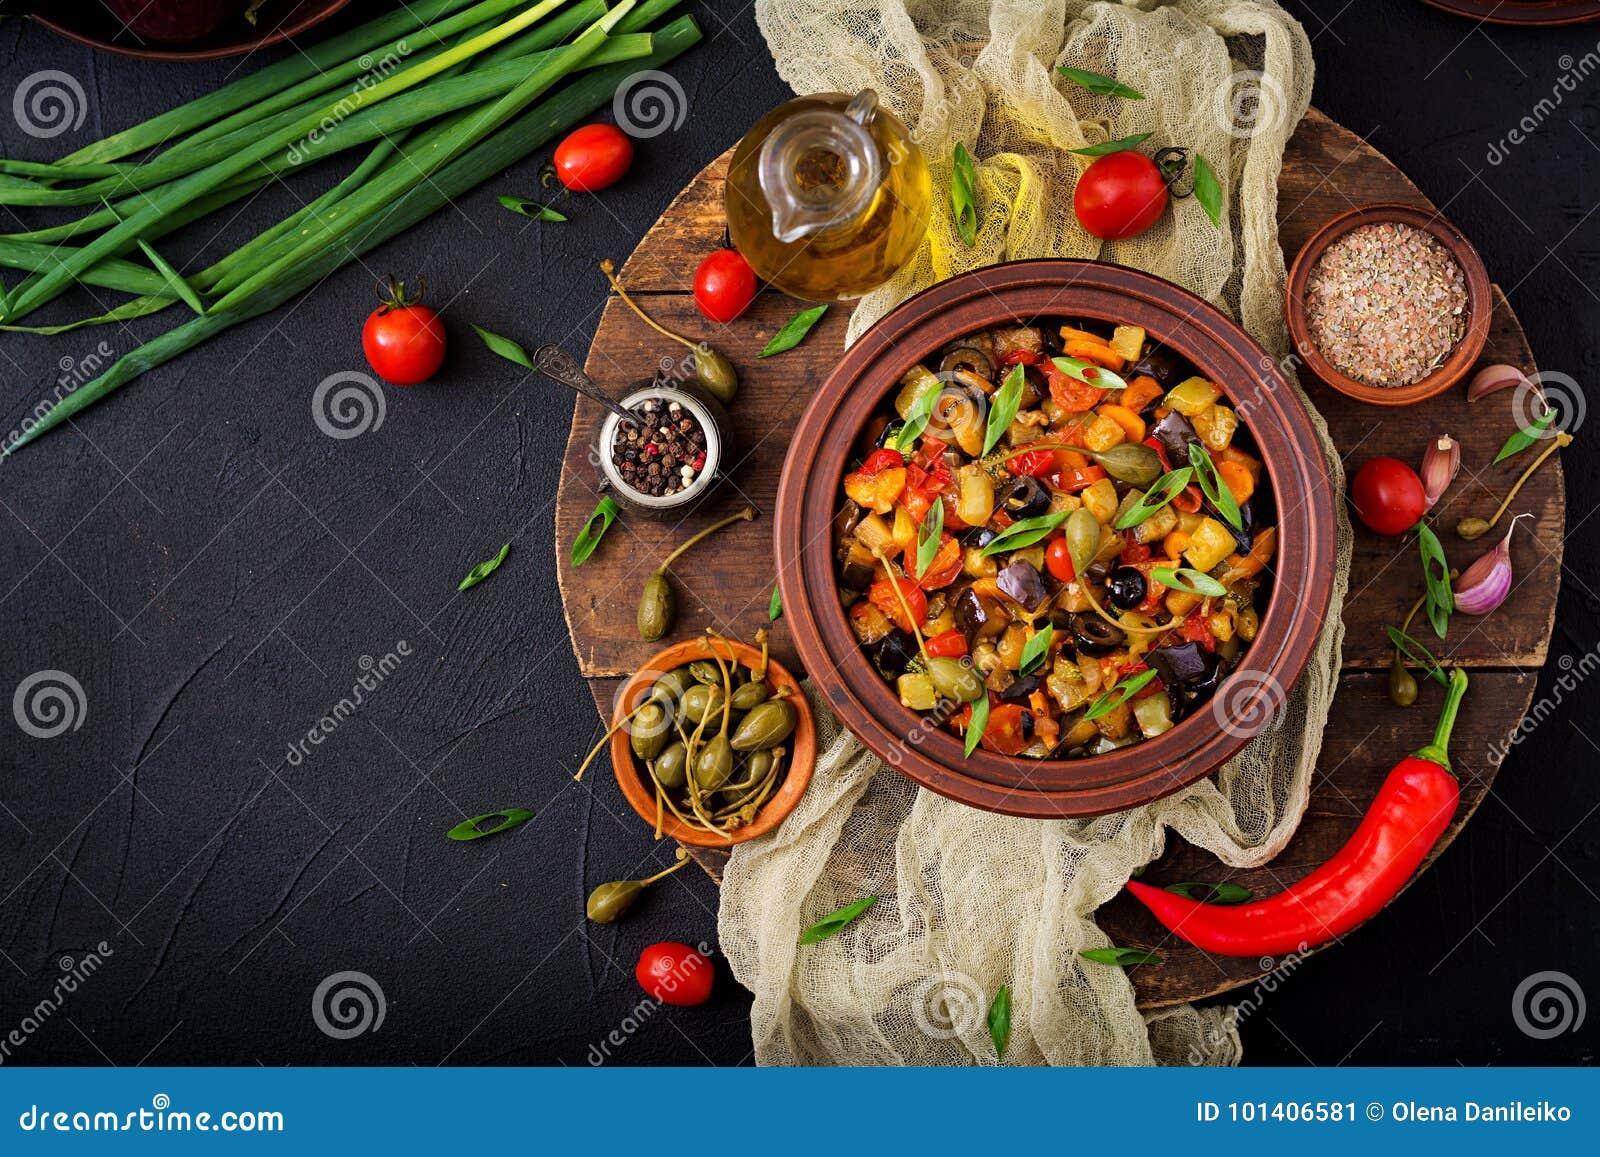 Berenjena picante caliente del caponata del guisado, calabacín, pimienta dulce, tomate, zanahoria, cebolla, aceitunas y alcaparra